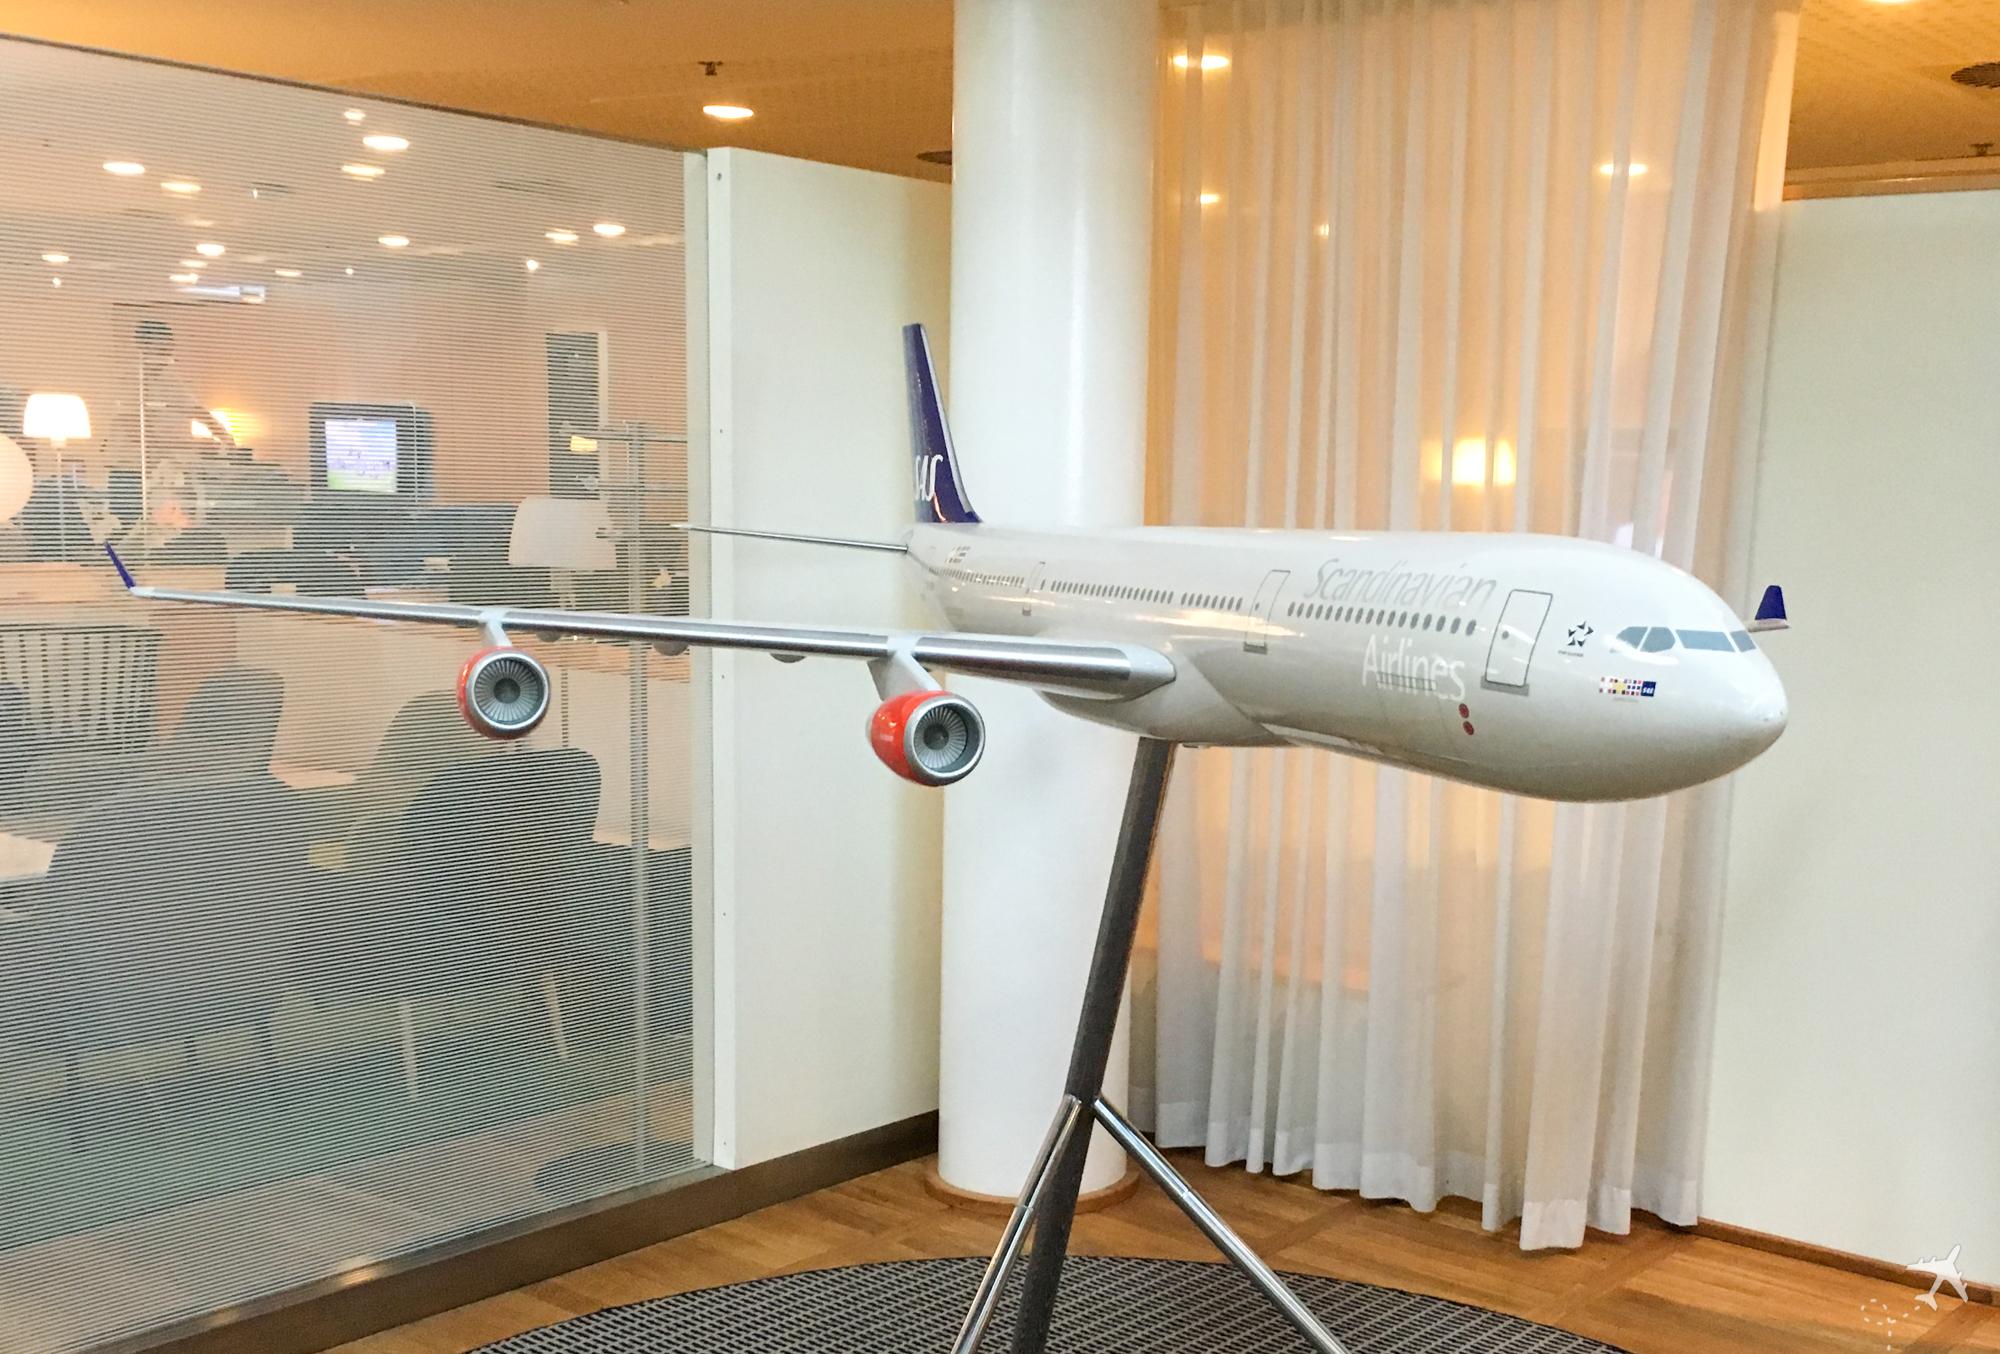 SAS Airbus A340 Modell